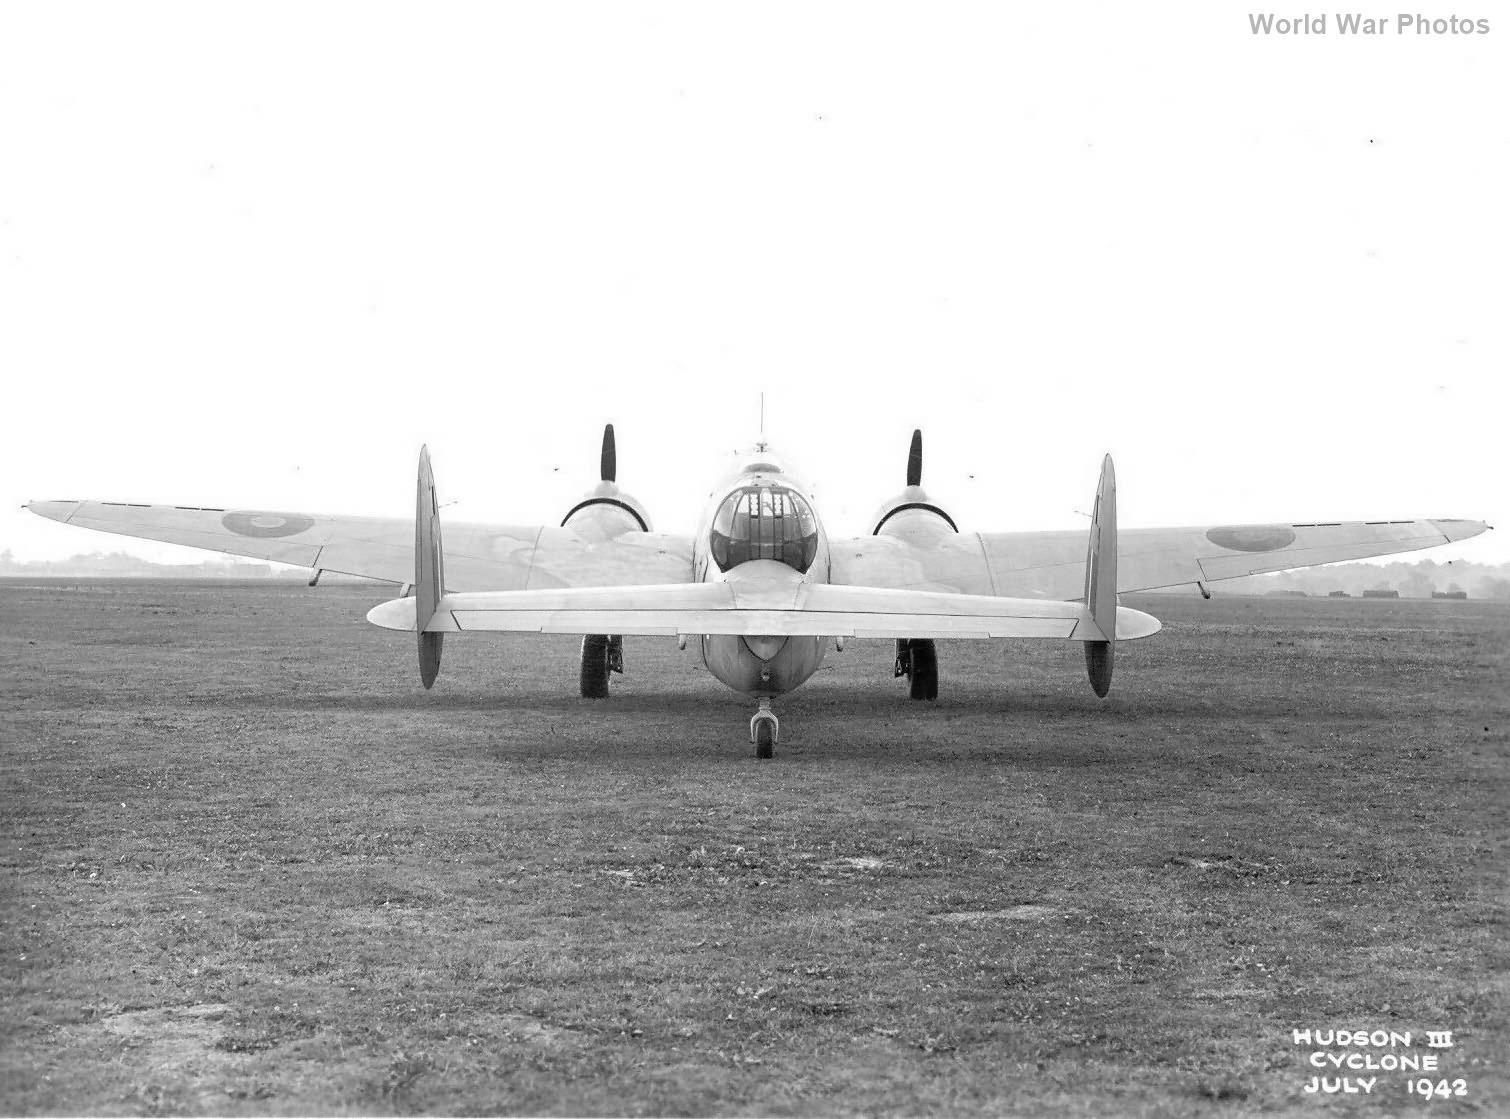 Hudson MK III